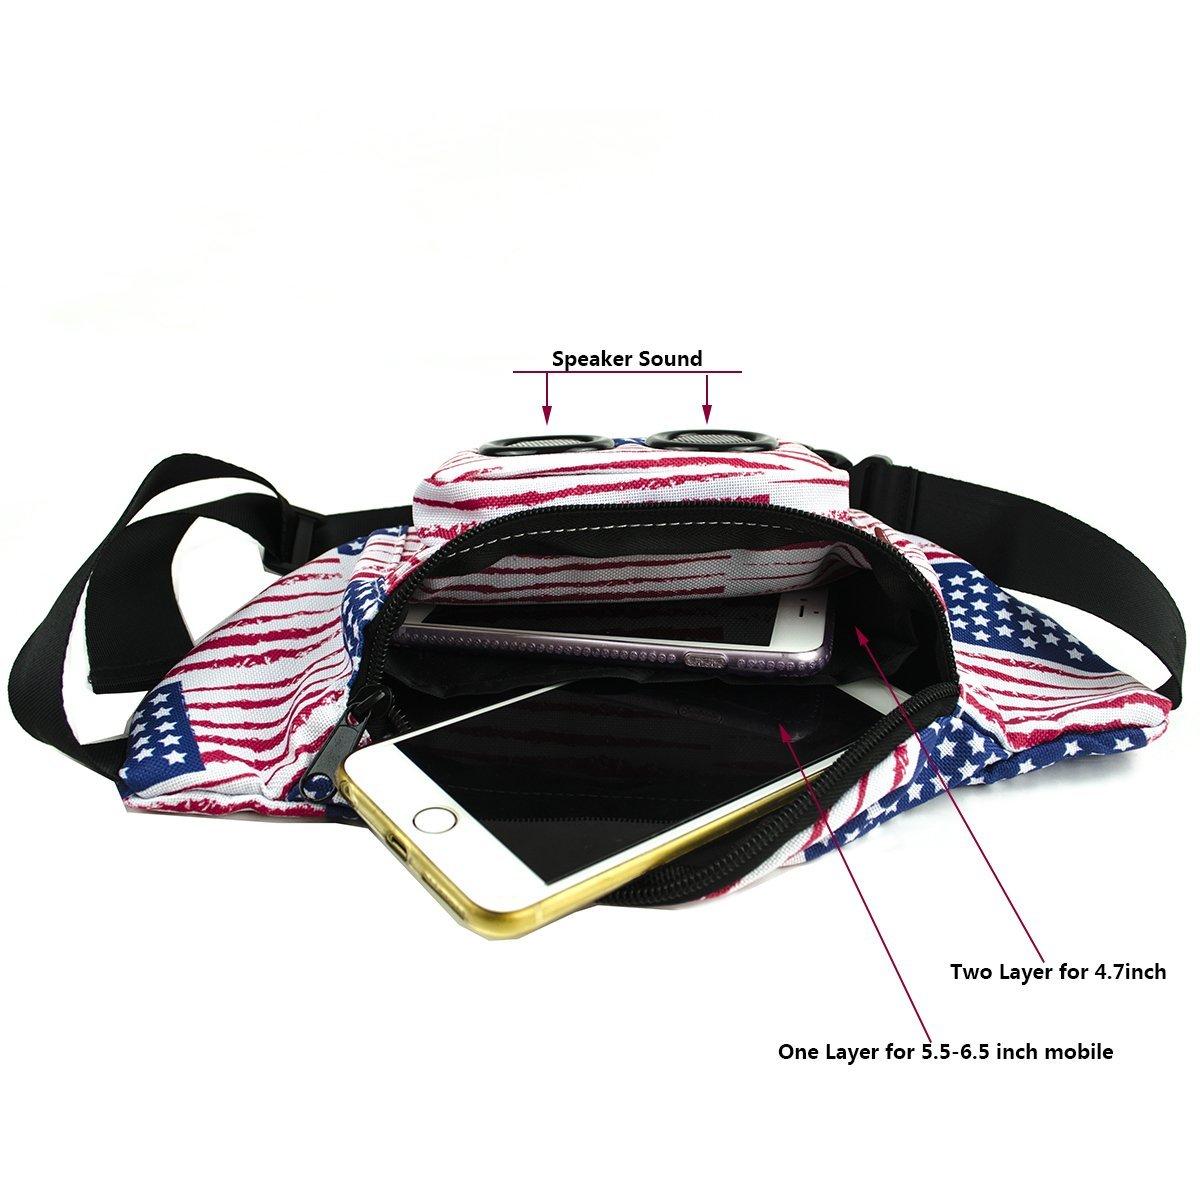 fa0a5db0f0d2 Amazon.com: Xdust Mini Speakers Fanny Waist Pack With Wireless ...